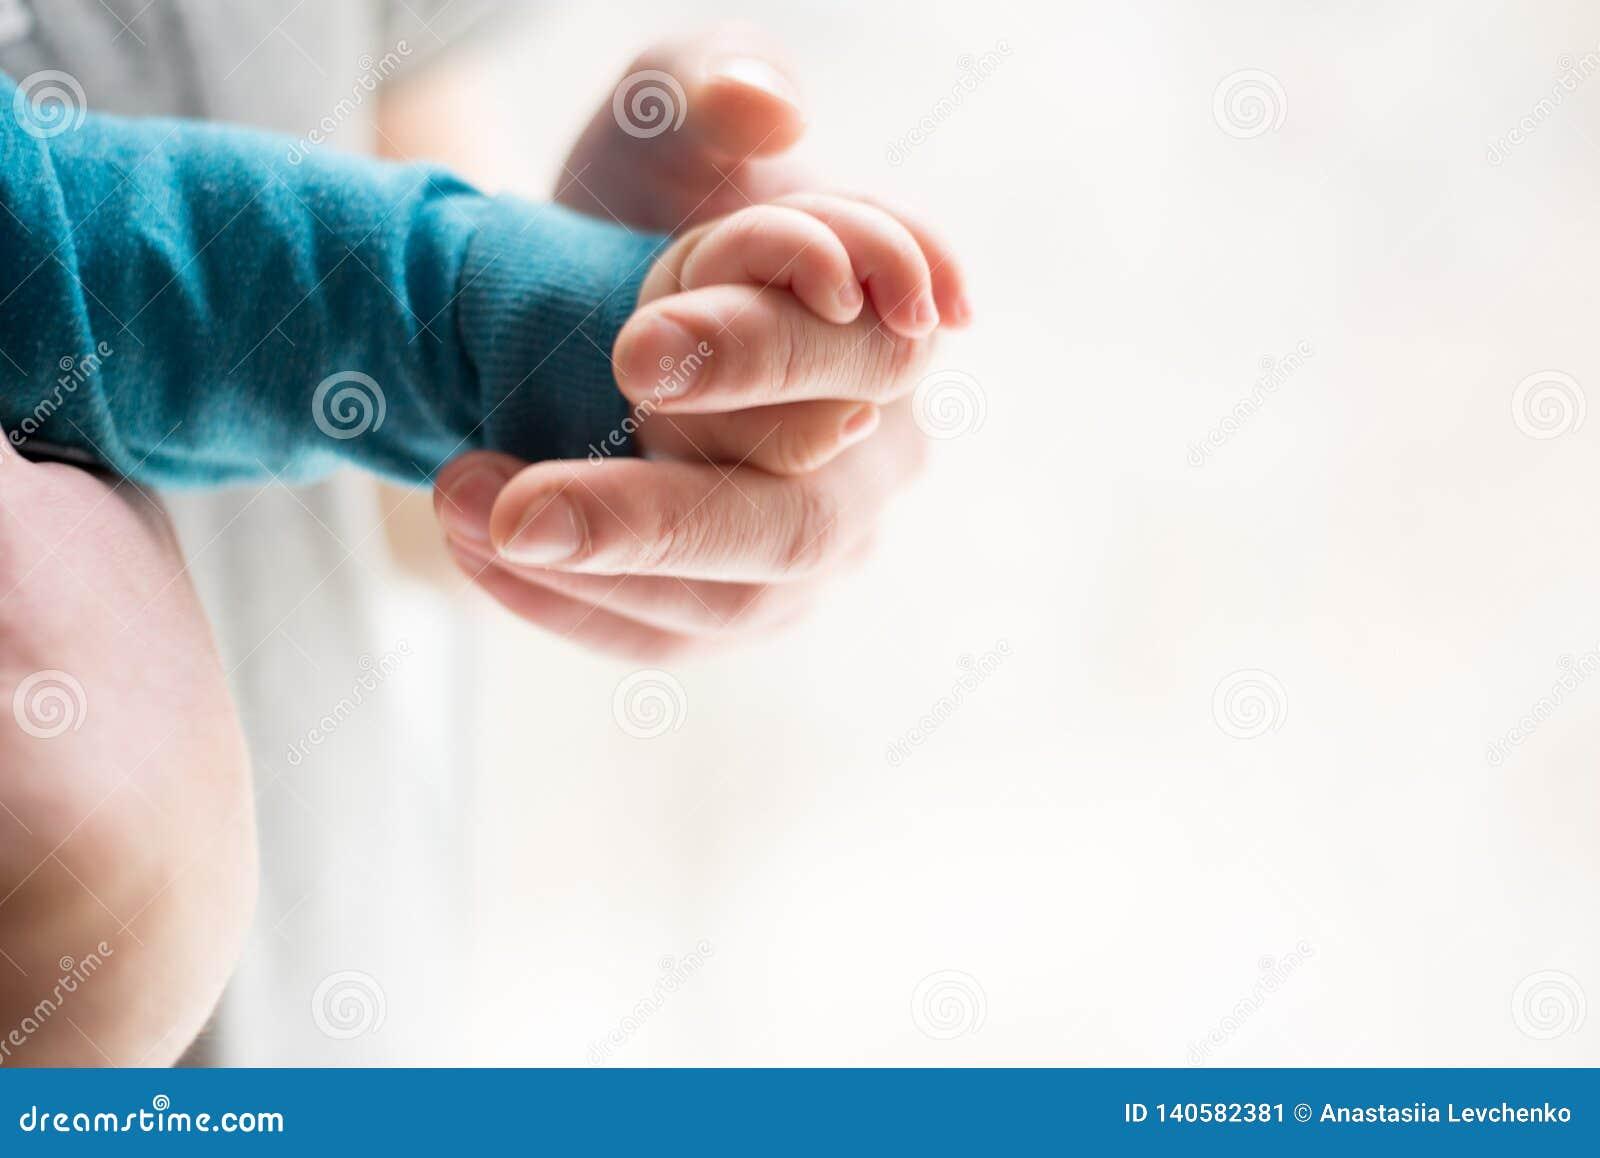 Zusters die handen houden overhandig de slaapbaby in de hand van vaderclose-up Handen op witte achtergrond